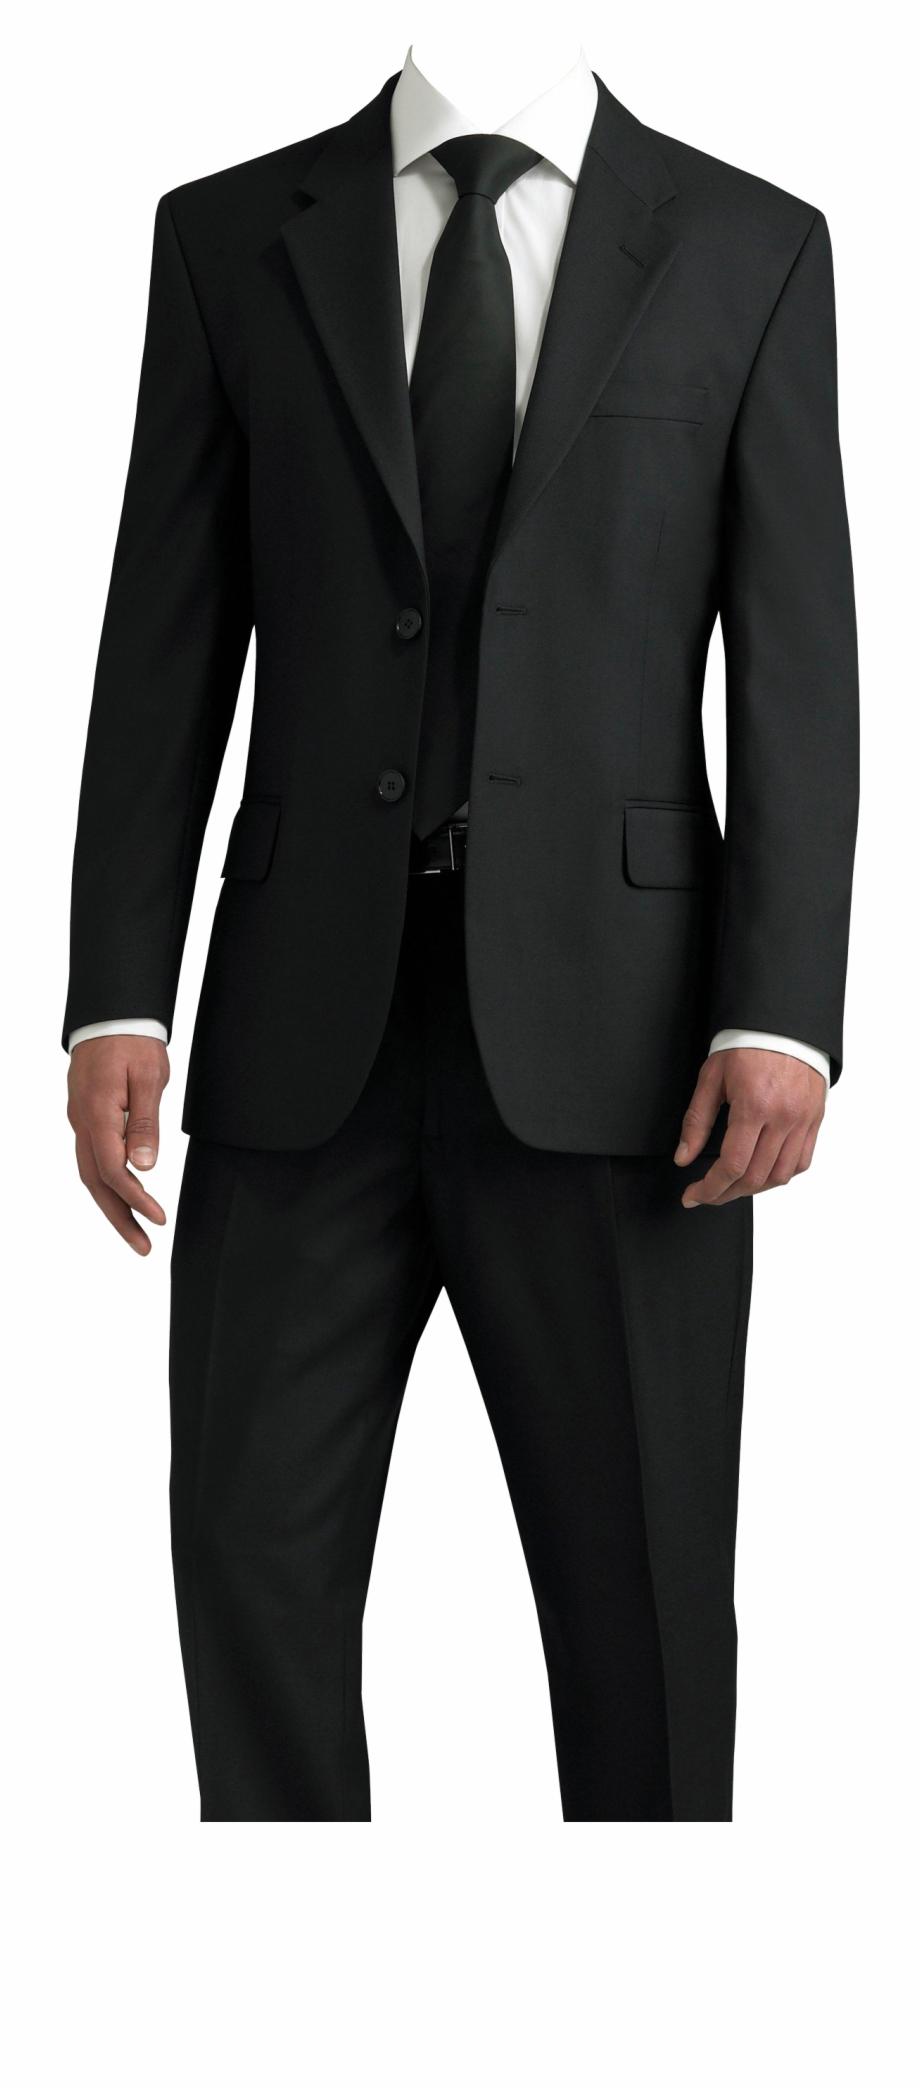 Suit Png Transparent Image Suit Photo For Photoshop.